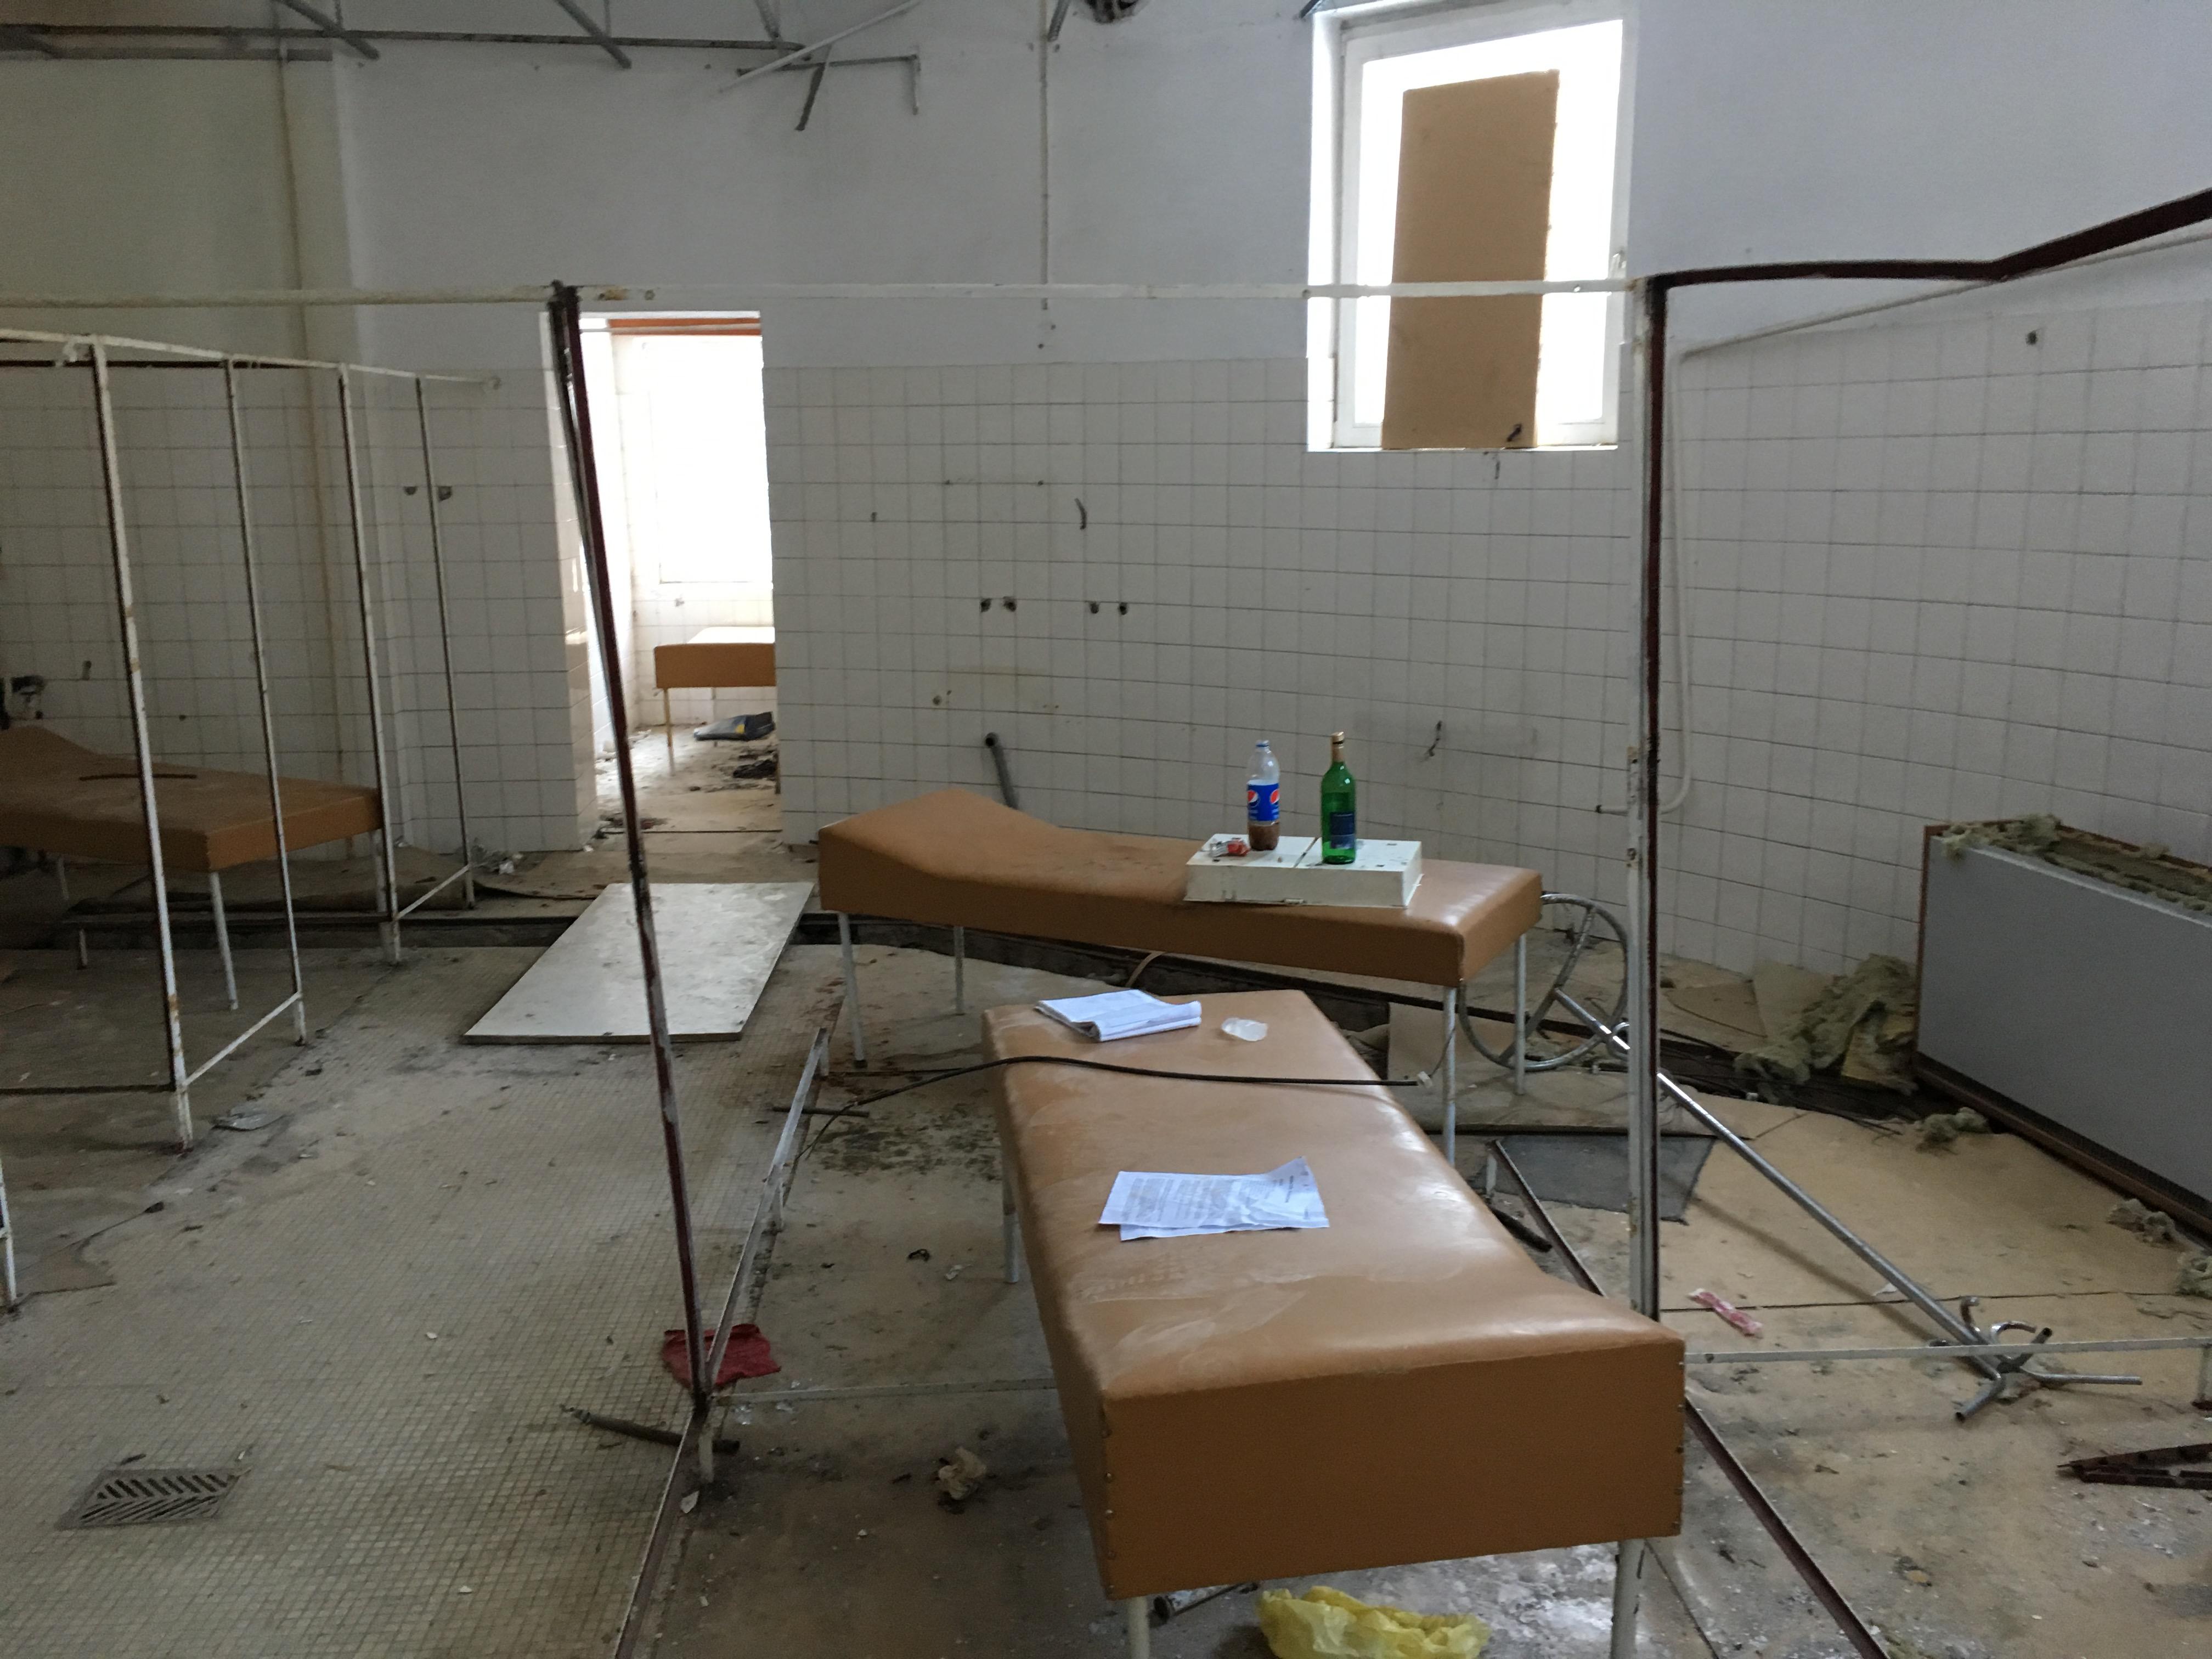 miestnost pre liecebne procedury